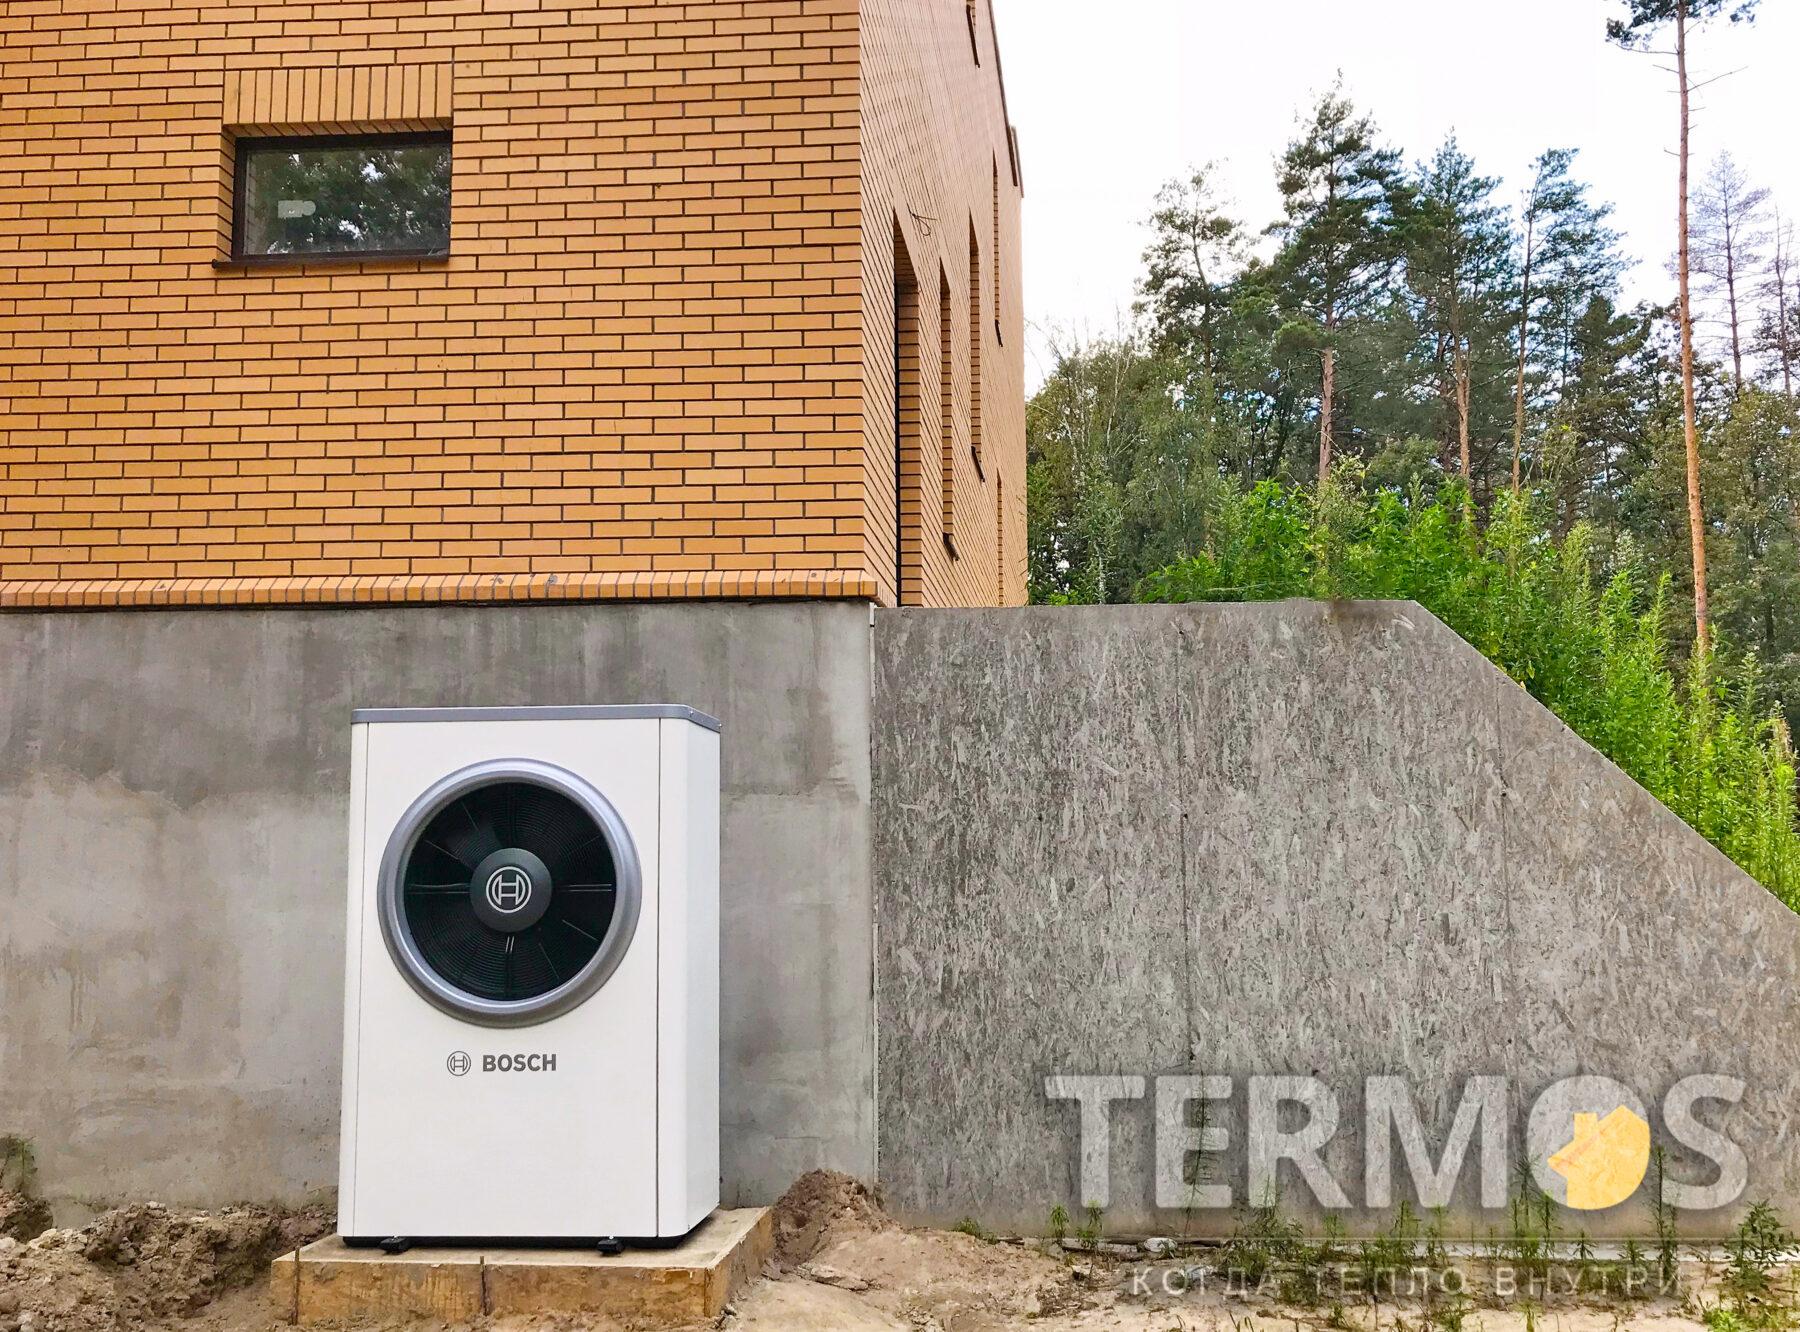 Стоинка. Коттедж 300 кв.м. Воздушный тепловой насос Bosch 17 кВт